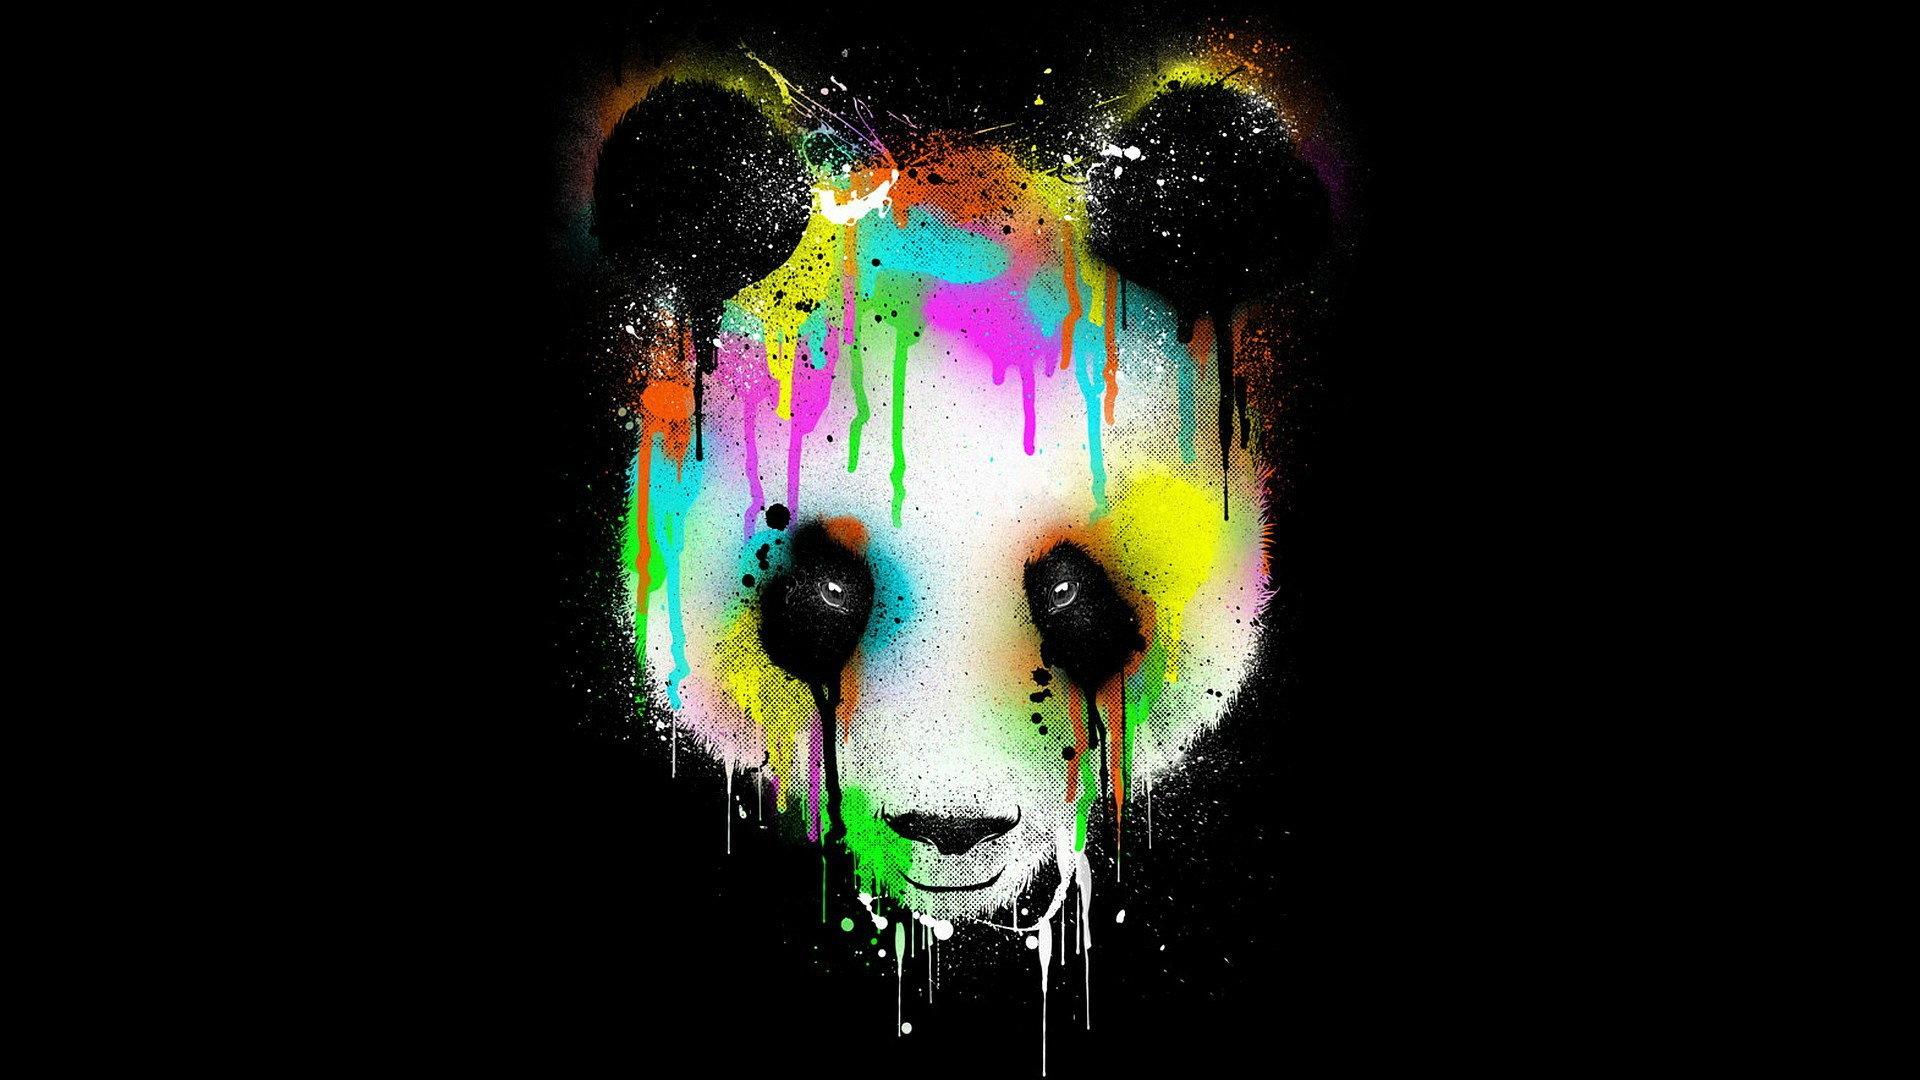 Best Panda Wallpaper ID300403 For High Resolution Hd 1920x1080 Desktop